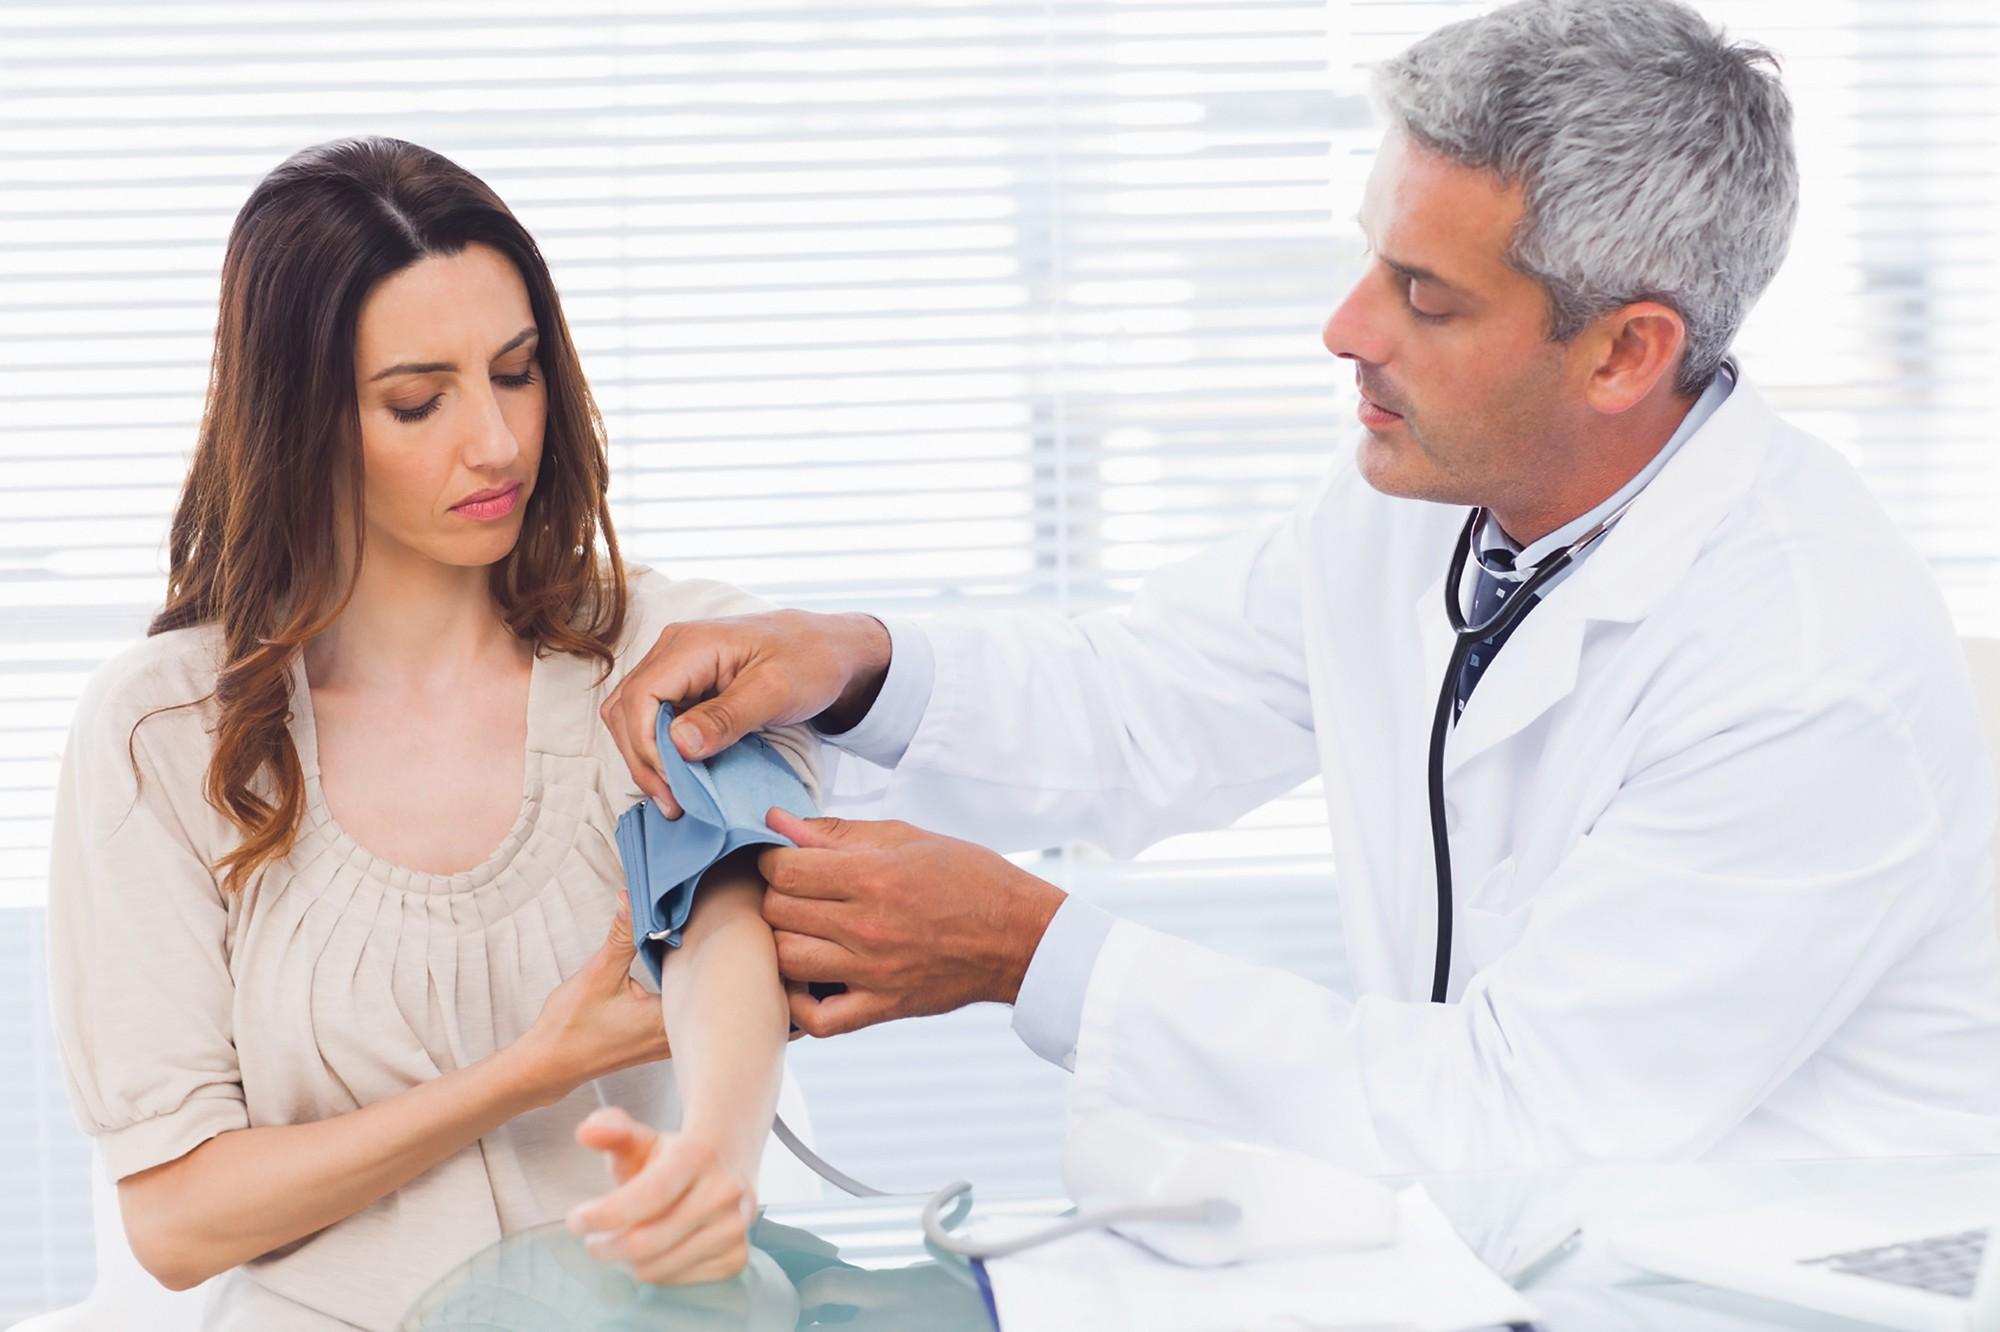 Không làm đúng những quy trình này thì tự biết rằng ngực sau khi nâng sẽ thành thảm hoạ - Ảnh 2.